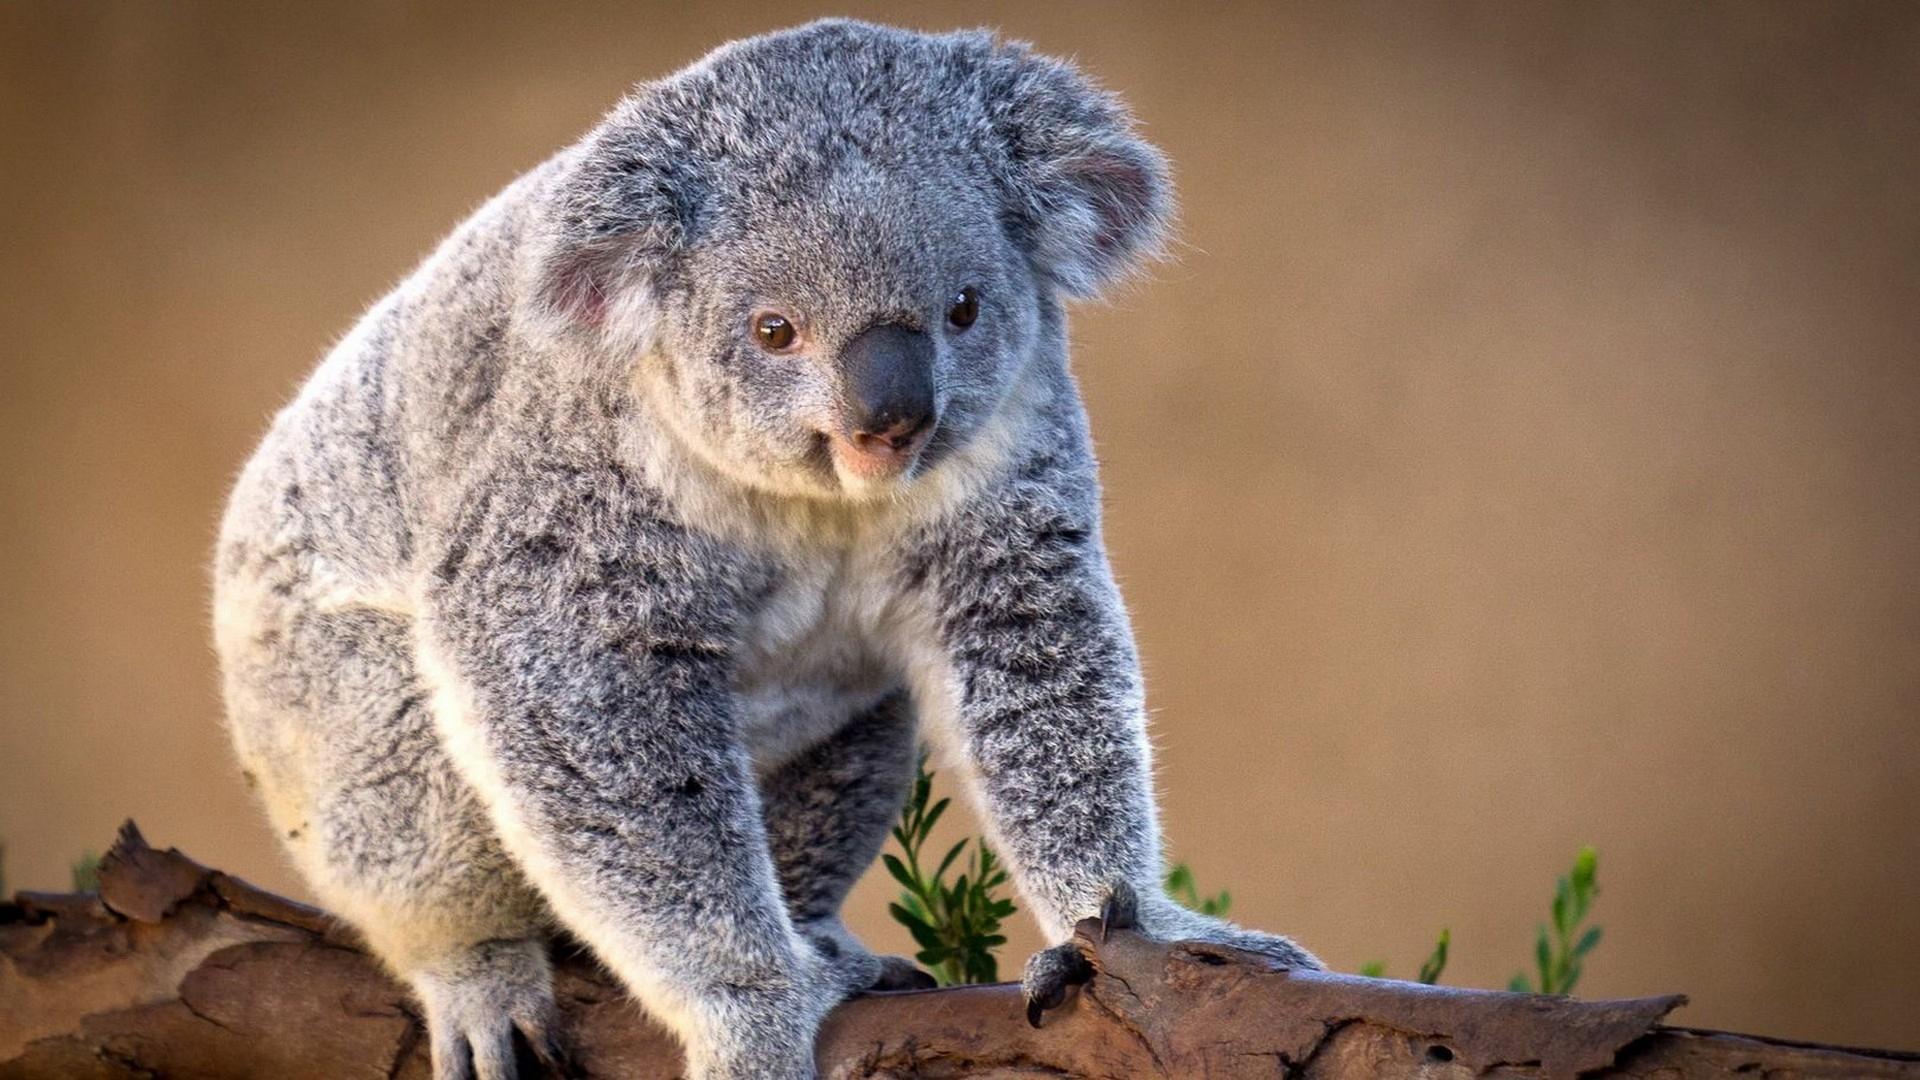 Особенность иммунной системы коалы раскрывает секреты эволюции генома